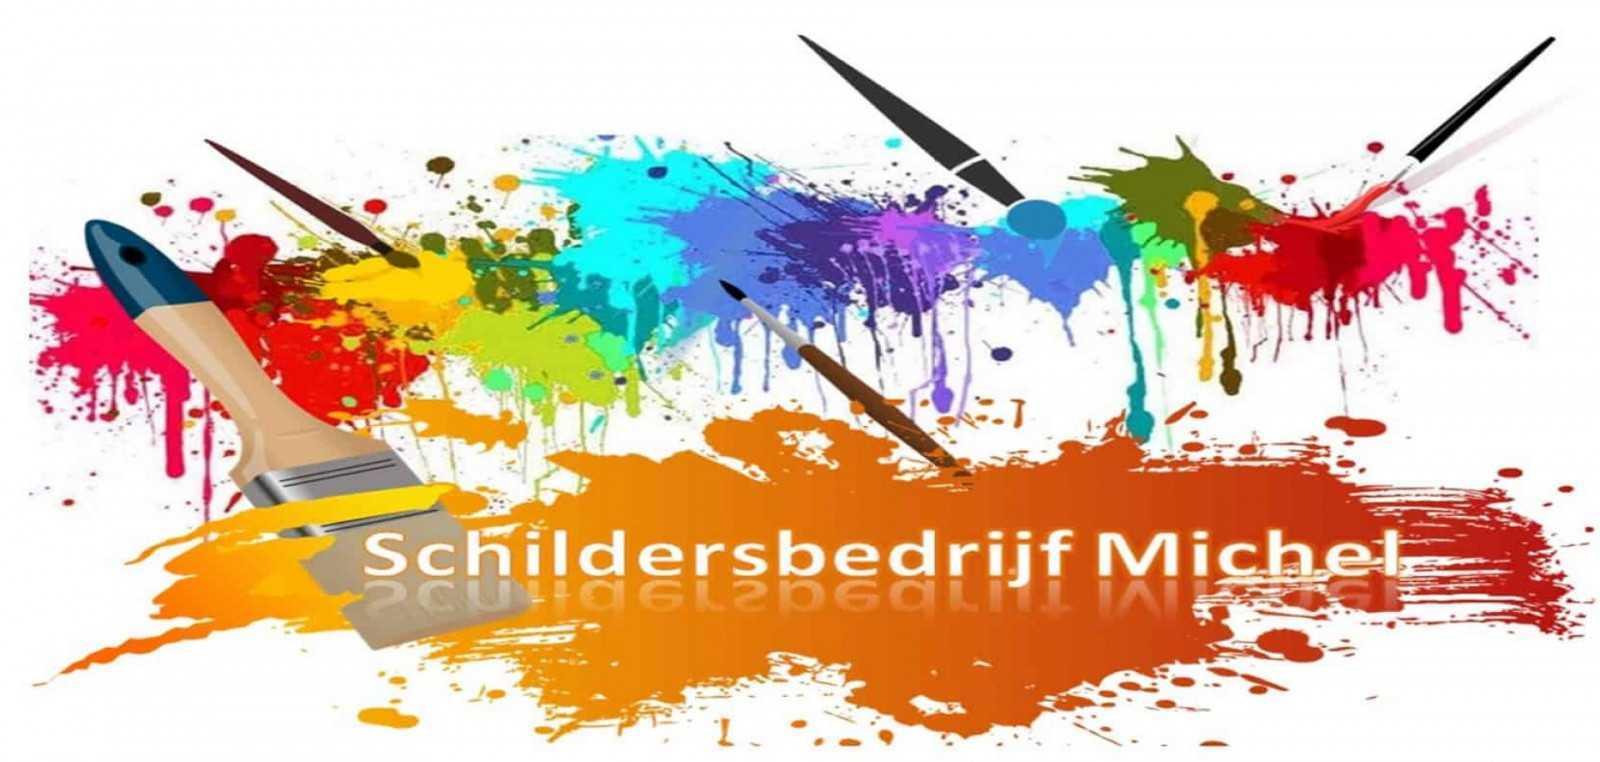 Schilders Bedrijf Den Haag